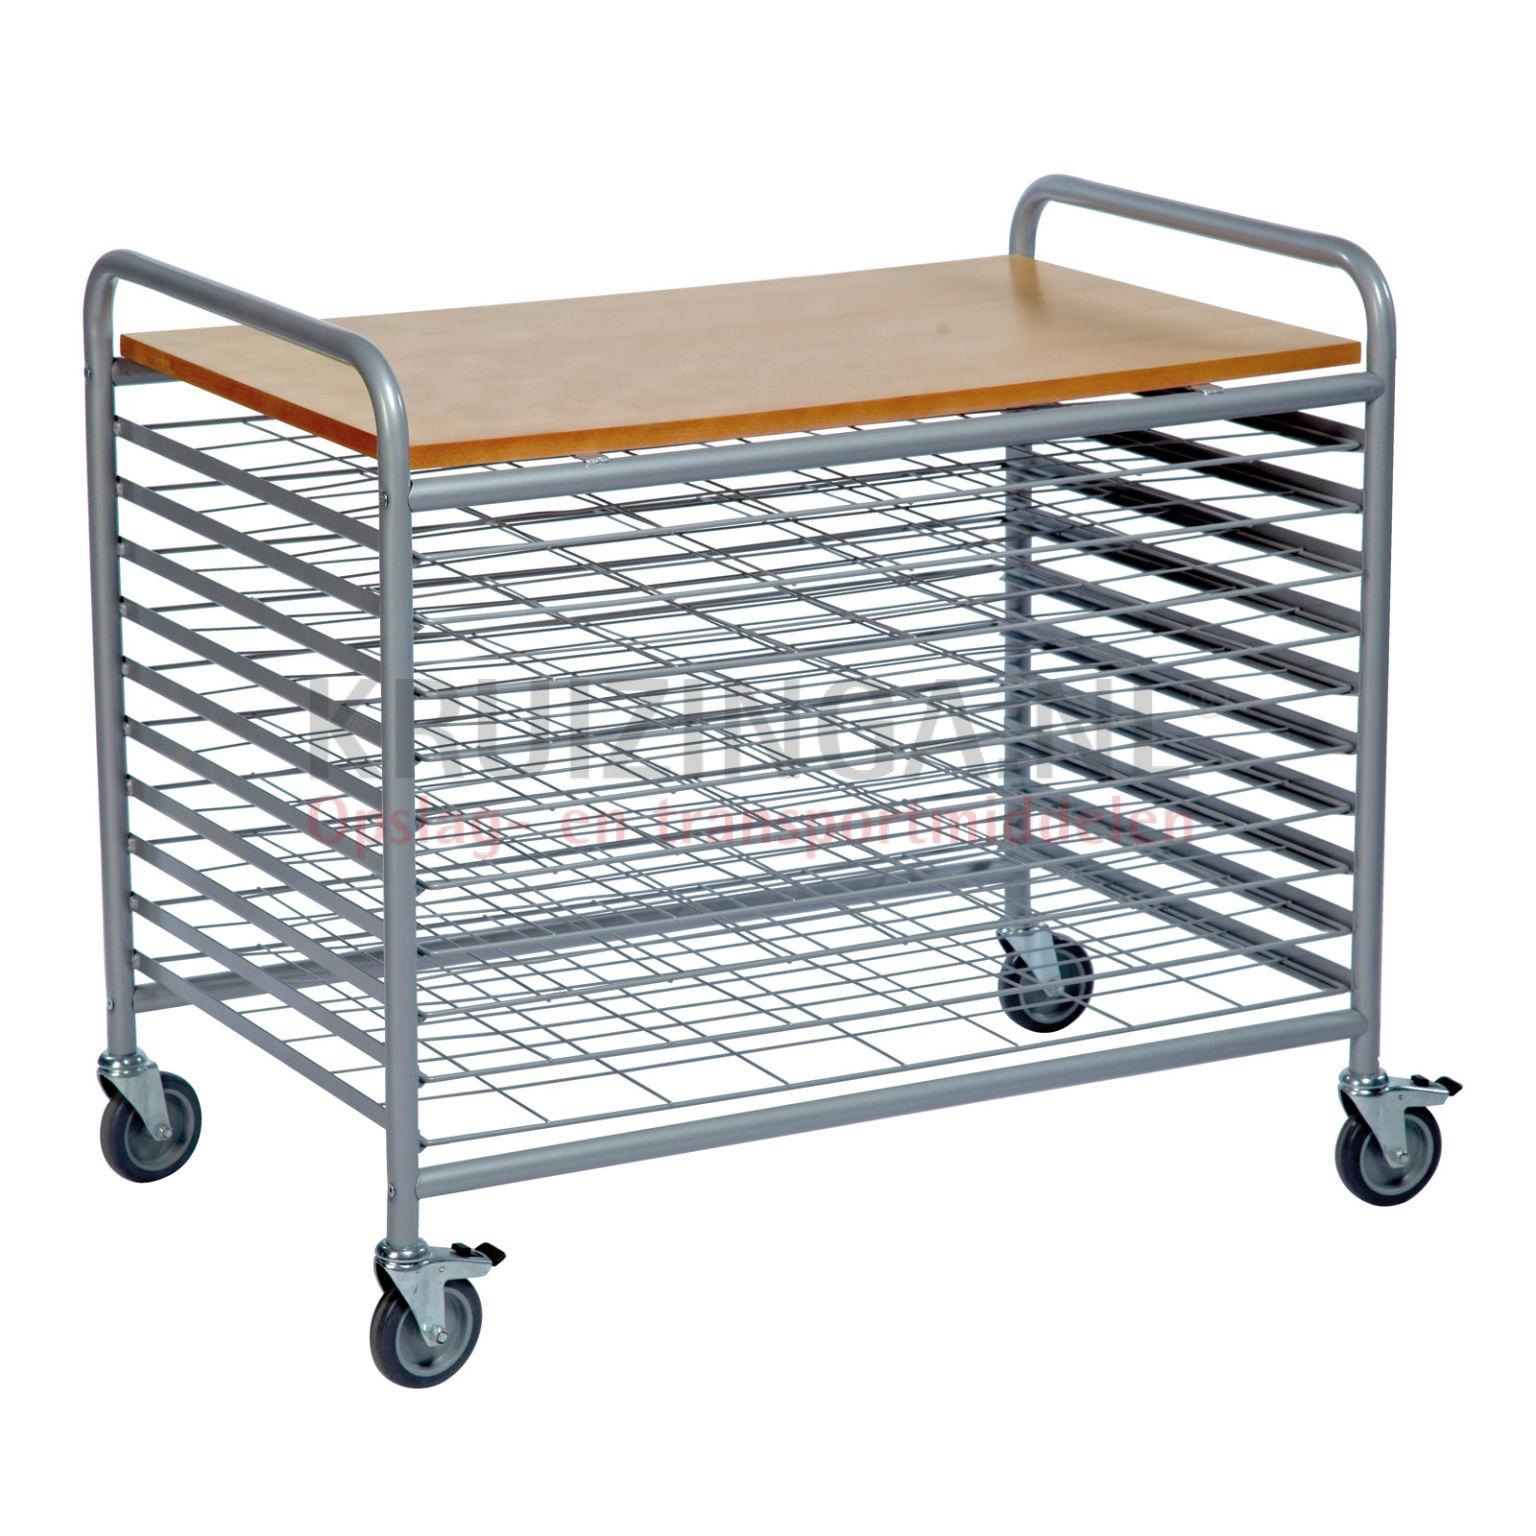 chariots porte outils et pi ces chariot de manutention chariot porte outils chariot s cher. Black Bedroom Furniture Sets. Home Design Ideas